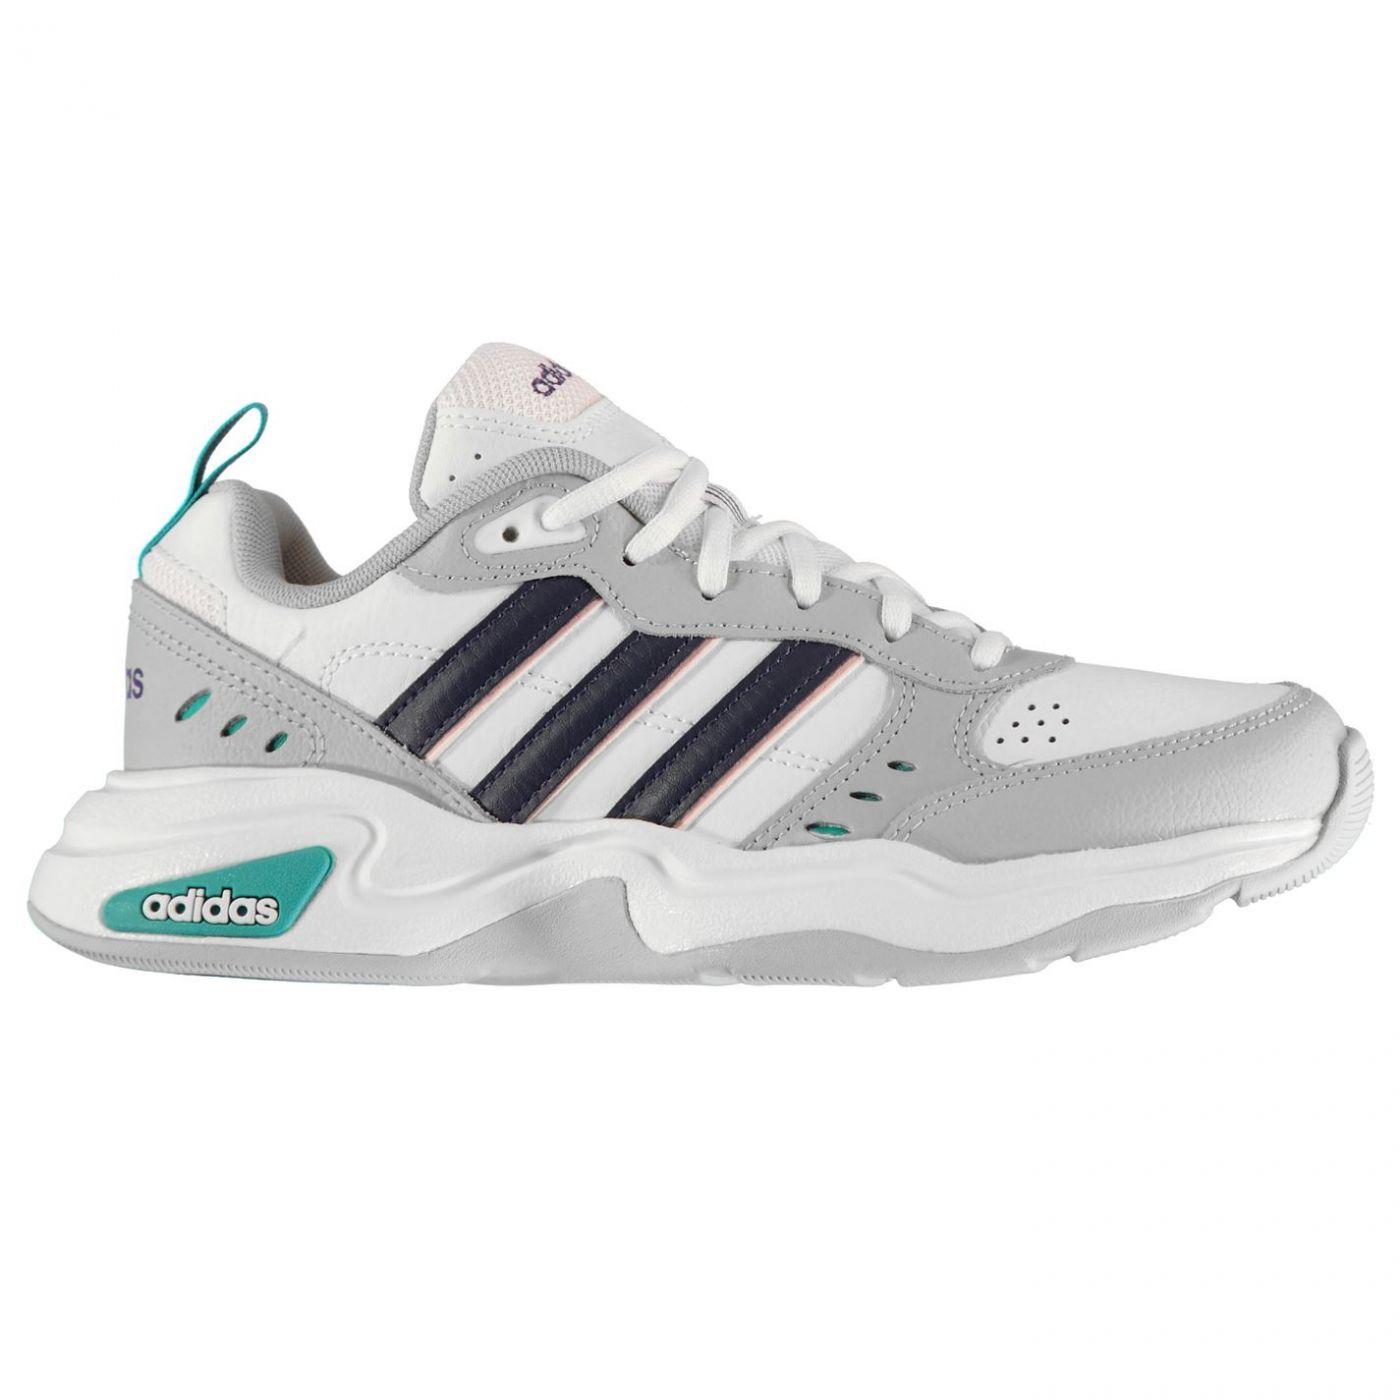 Adidas Strutter Lds 01